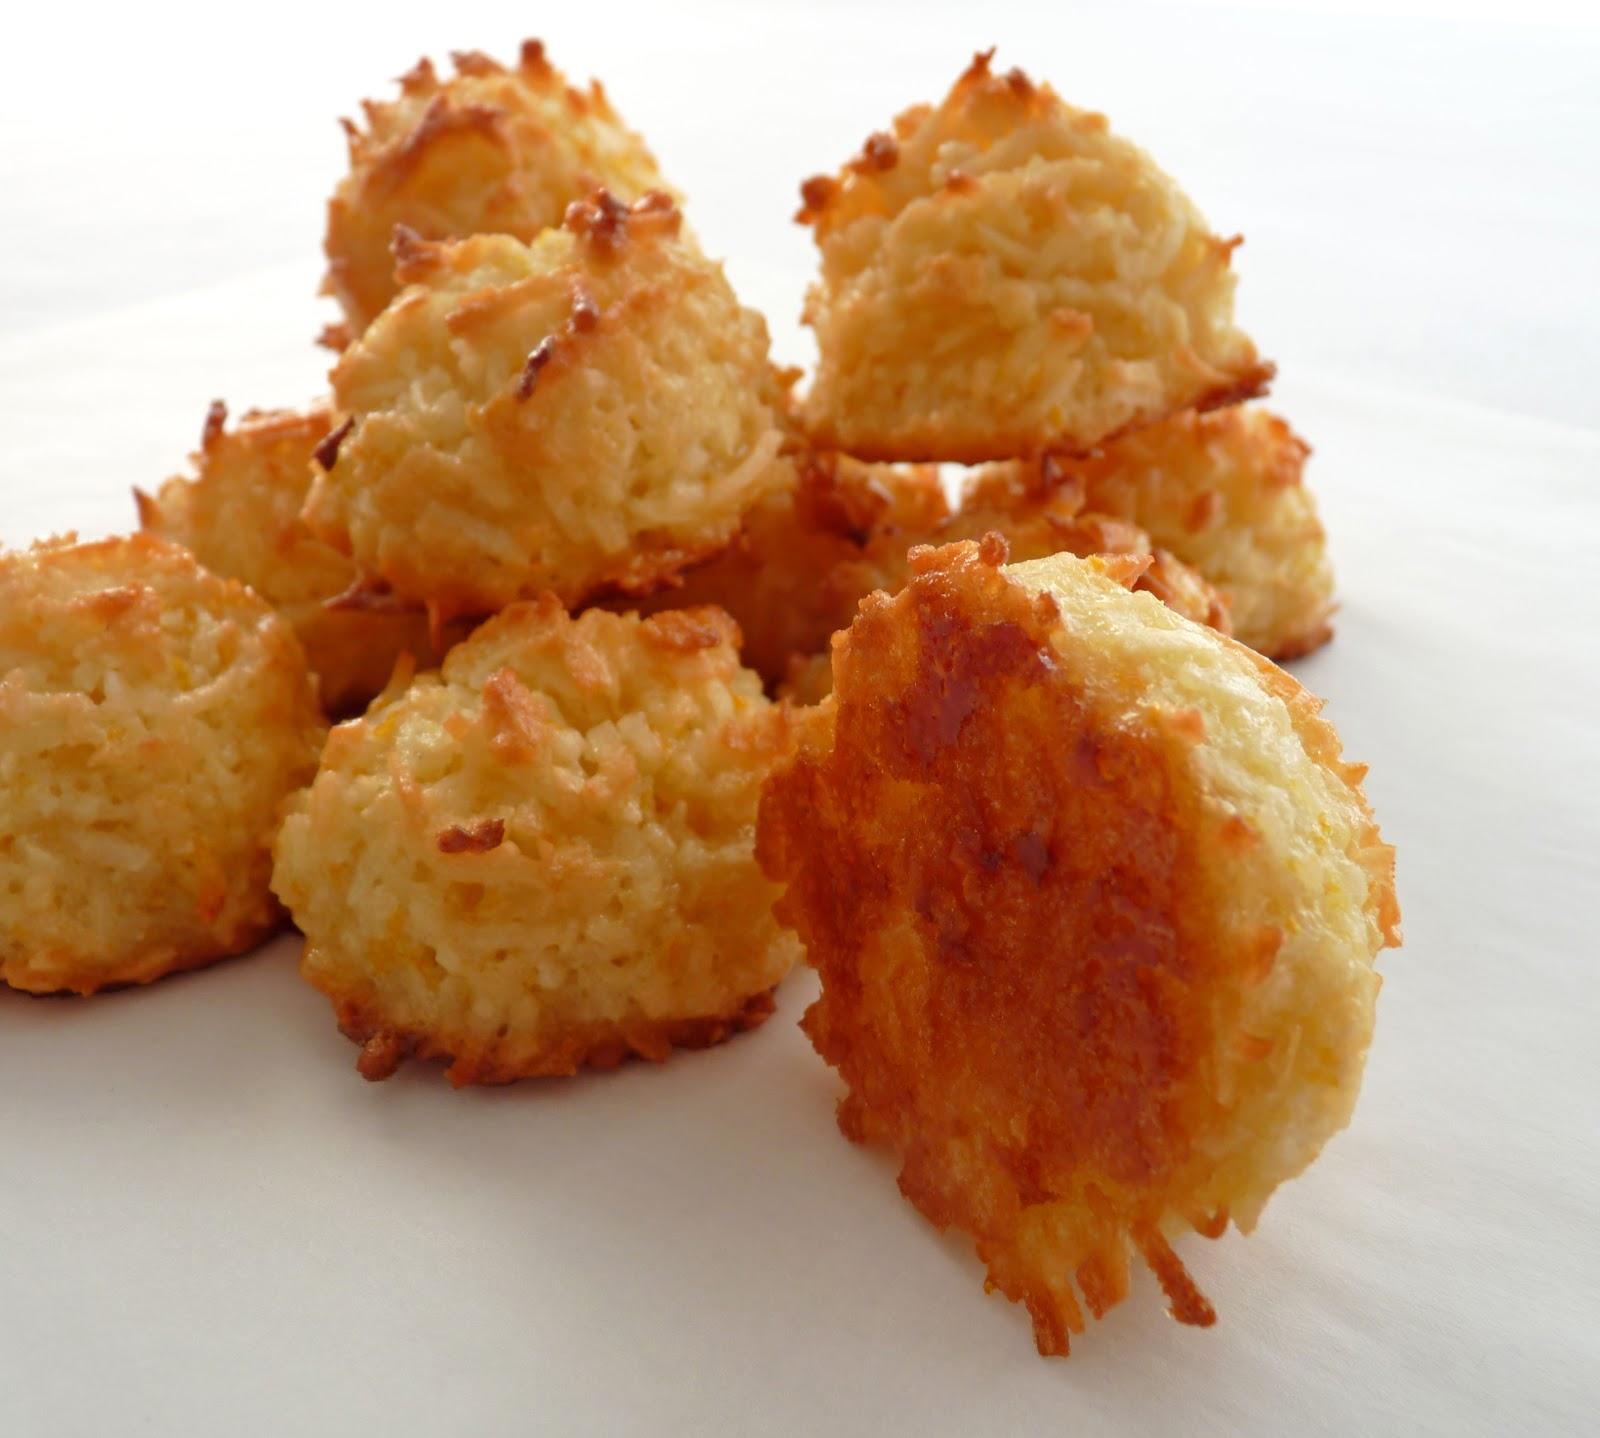 Chocolate-Orange Pastries Recipes — Dishmaps